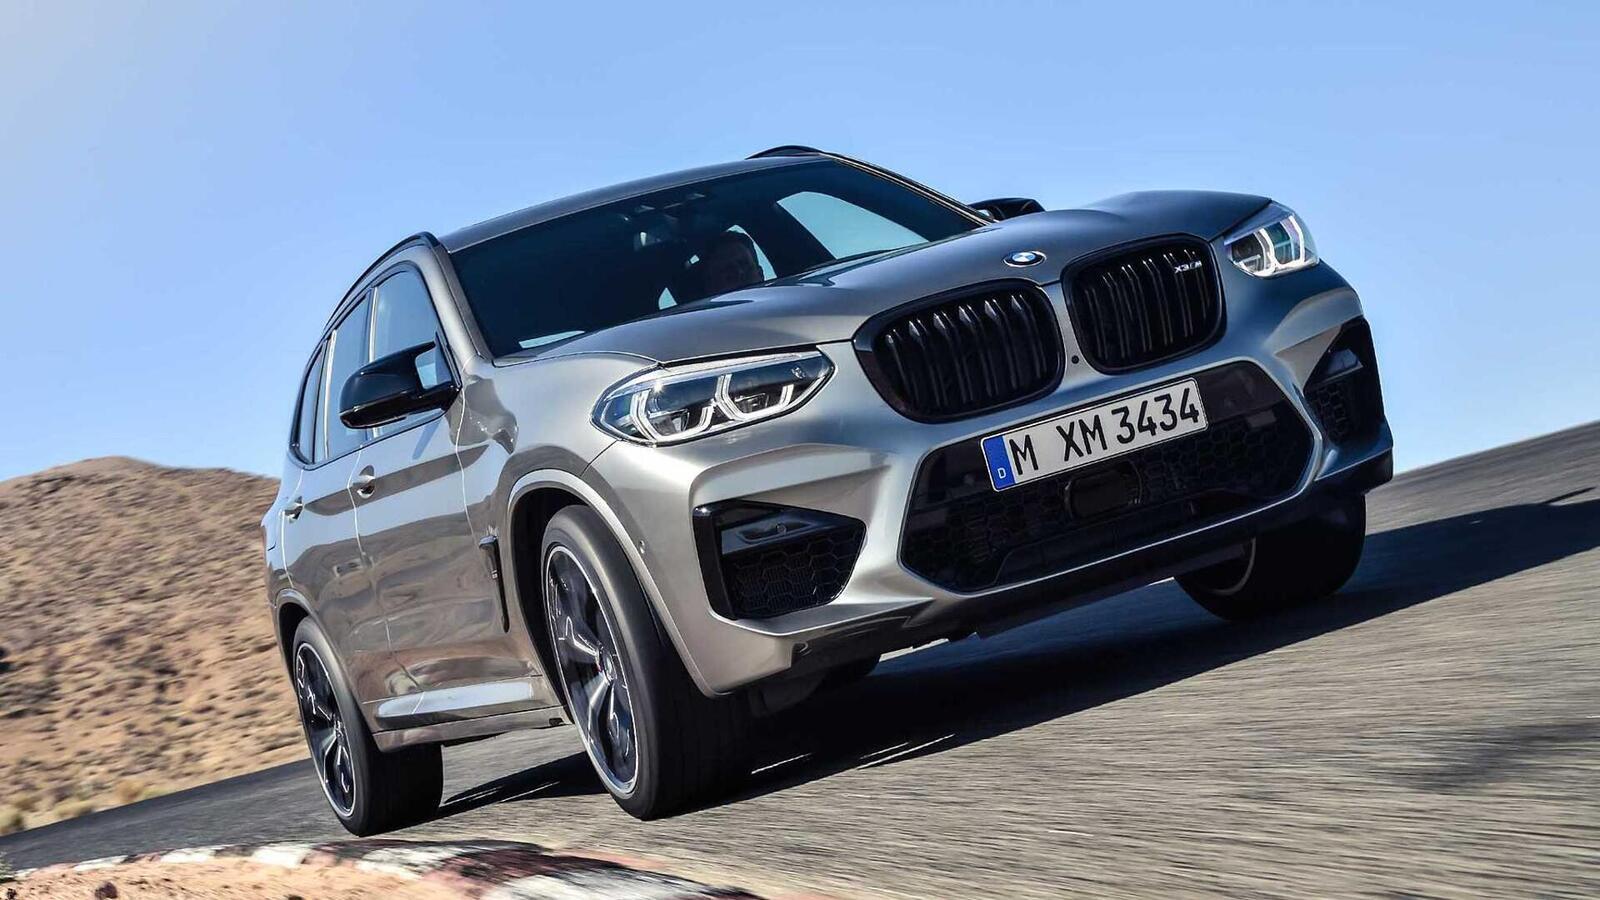 BMW X3 M và X4 M 2020 chính thức ra mắt: Mang trong mình sức mạnh từ 473 - 503 mã lực - Hình 3